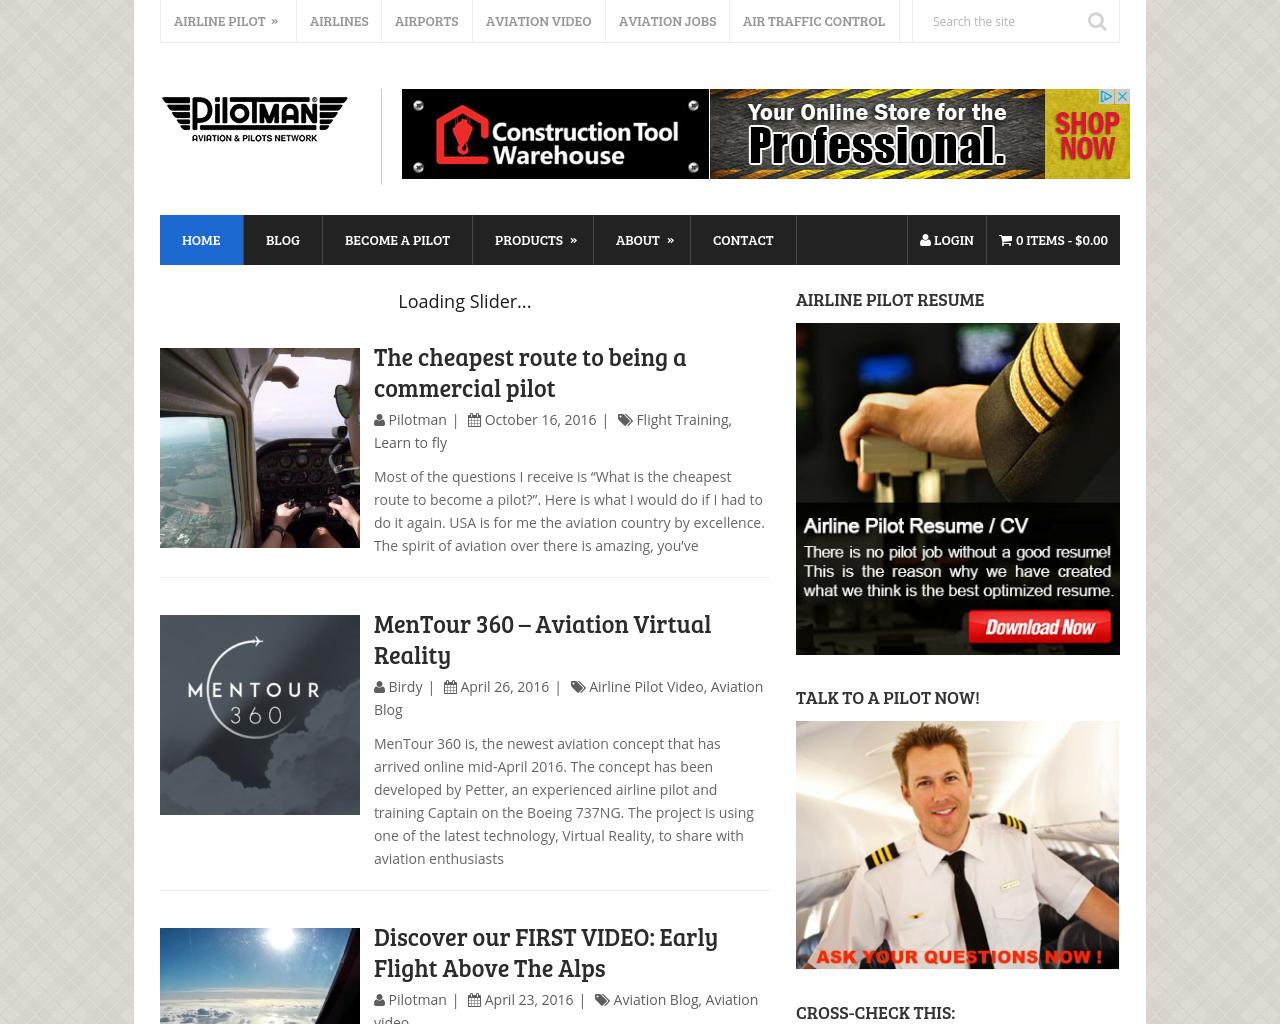 Pilotman-Advertising-Reviews-Pricing